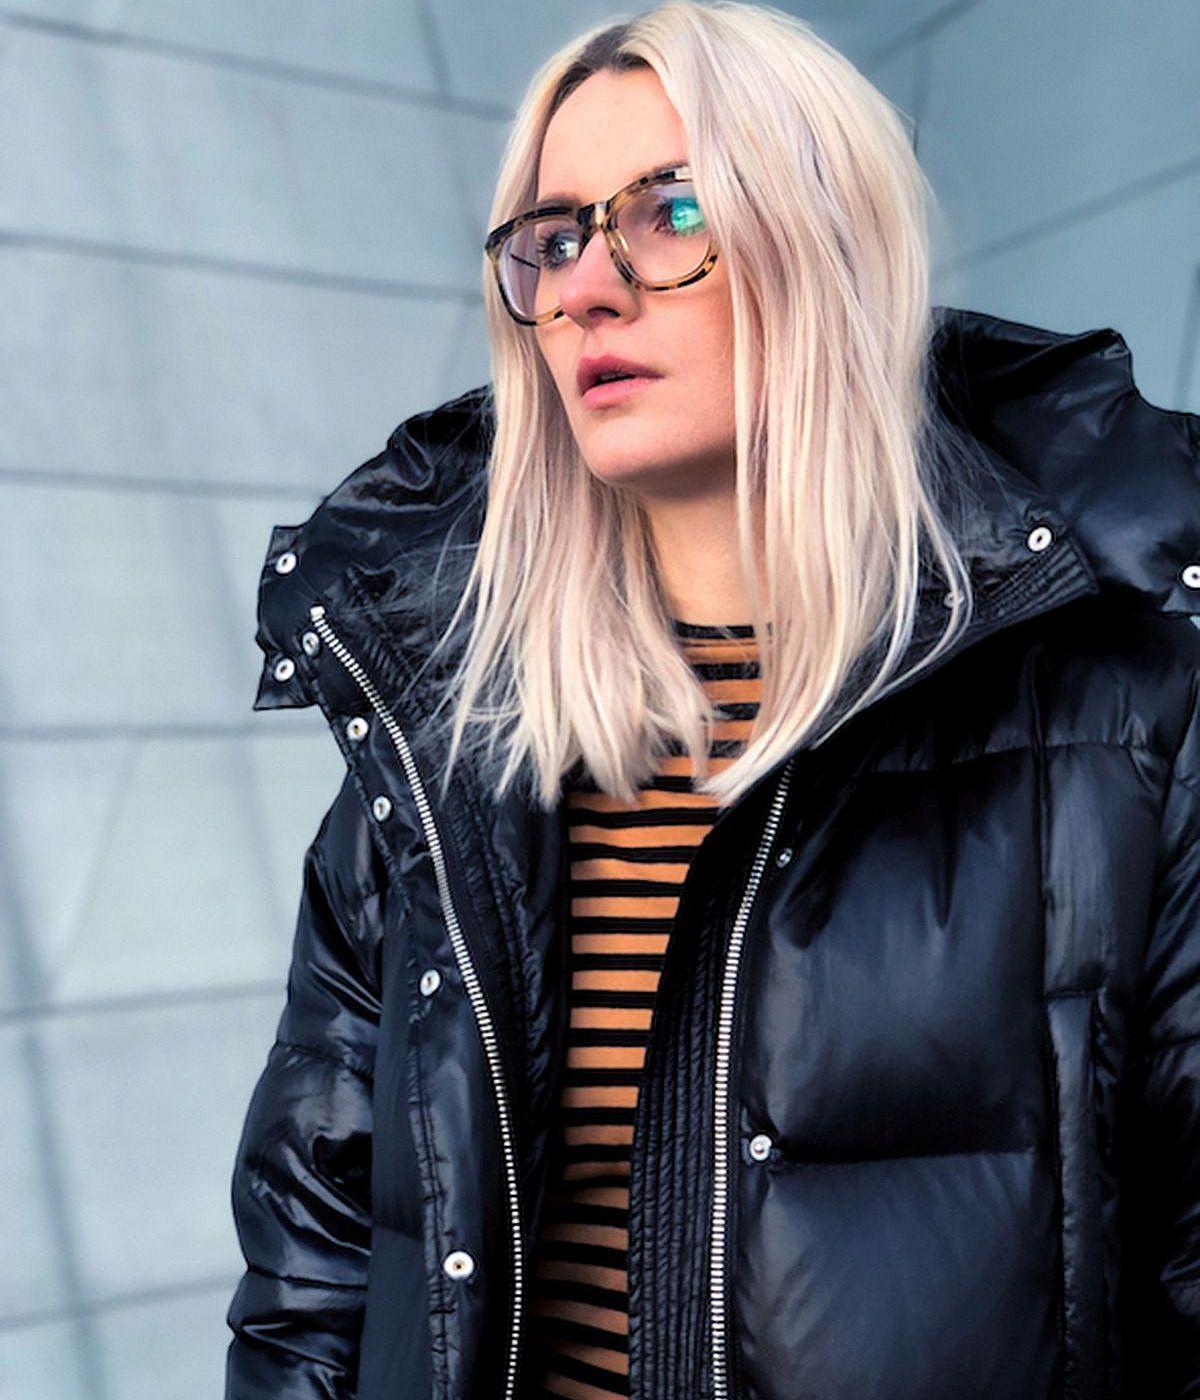 Allrounder für den Winter-Look: Daunenjacke